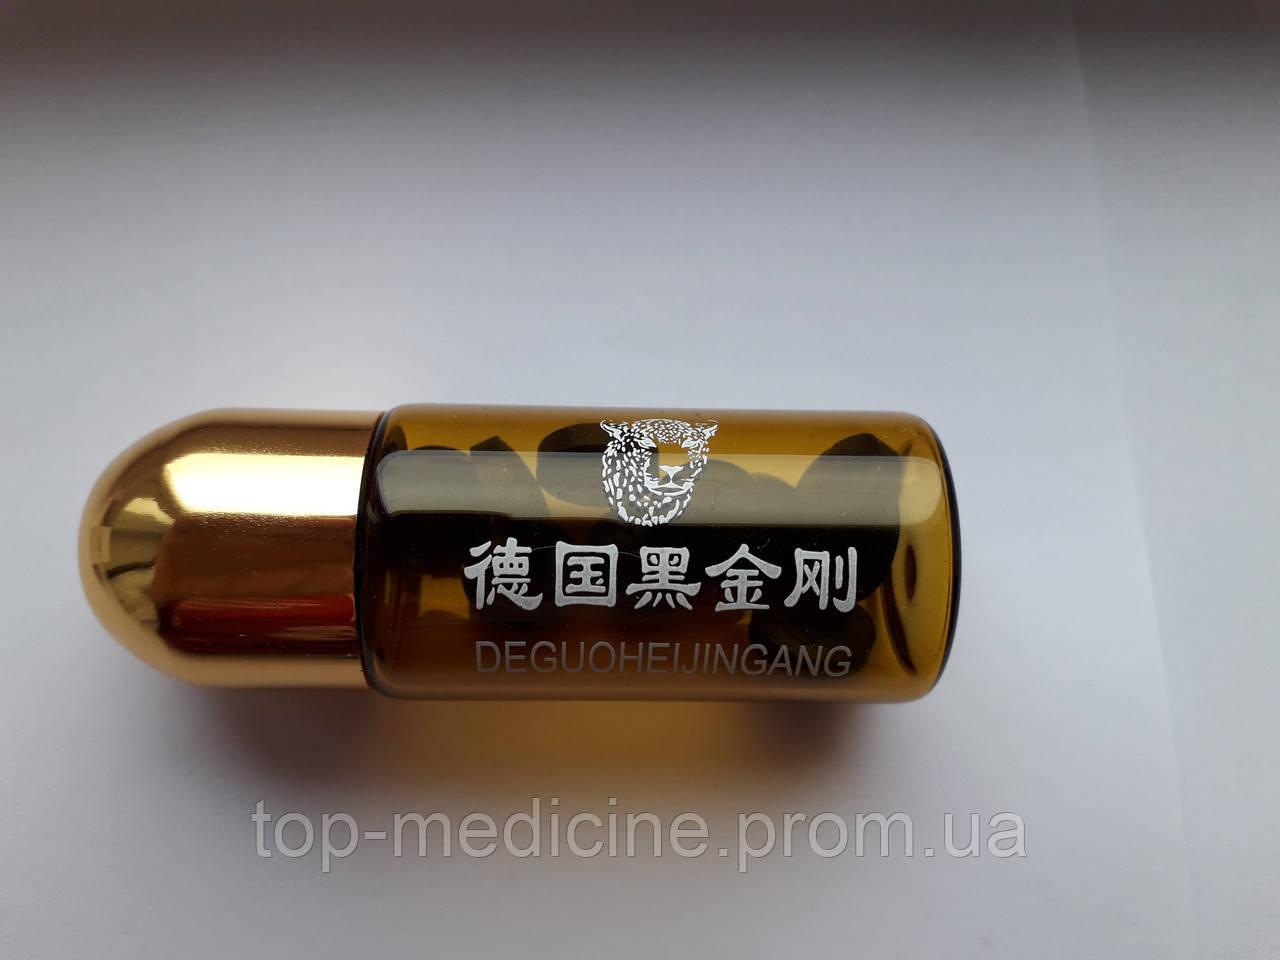 Немецкая Черная Пантера -препарат для потенции.